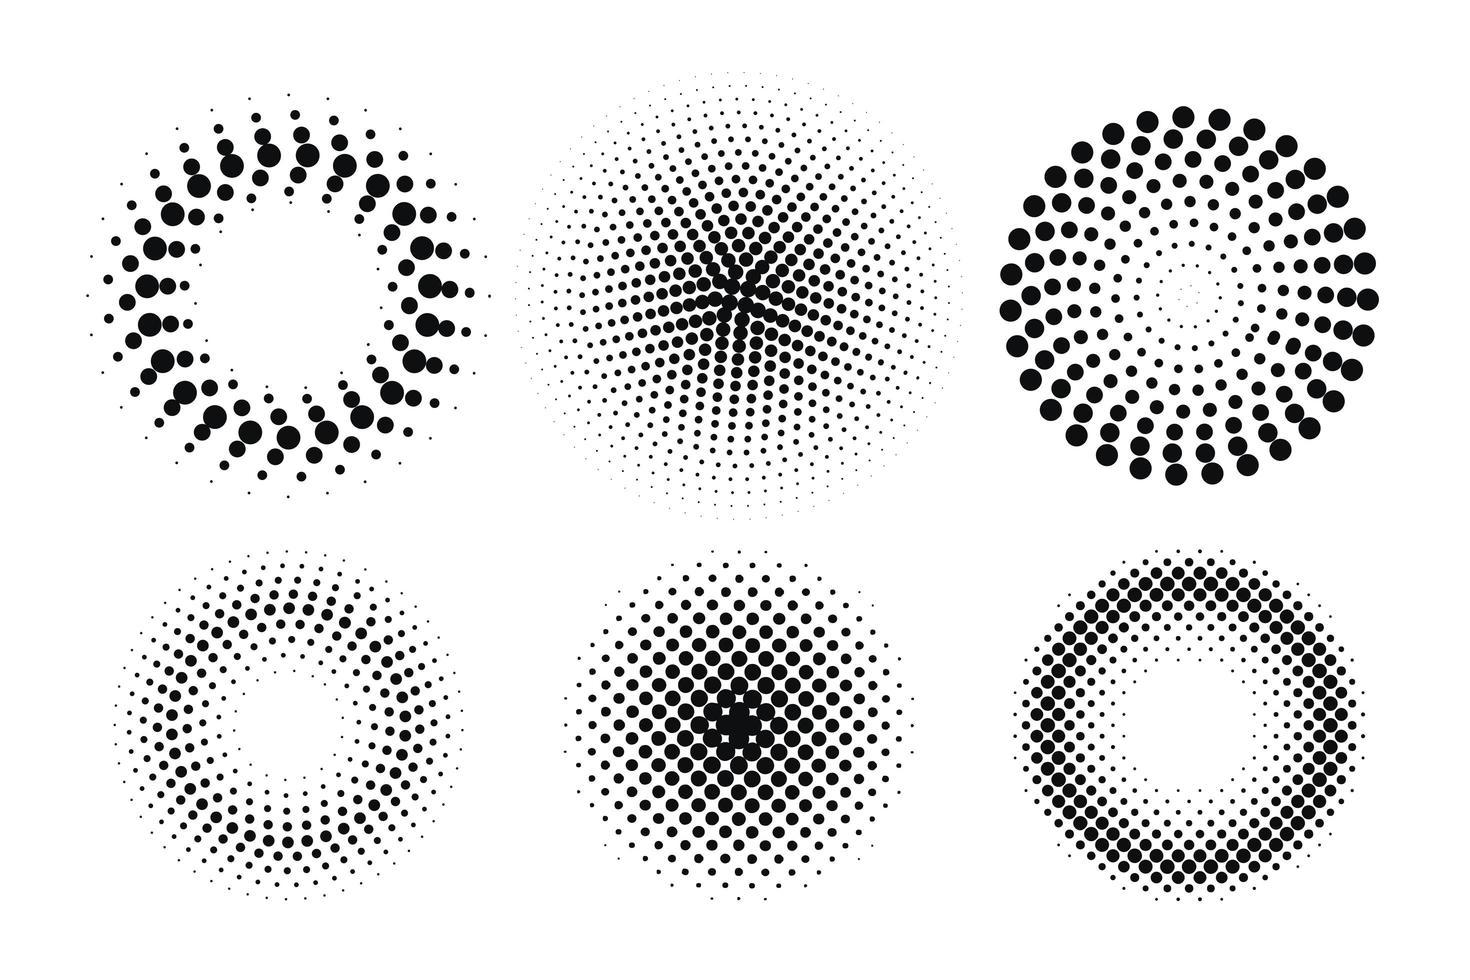 elemento punto semitono cerchio vettore